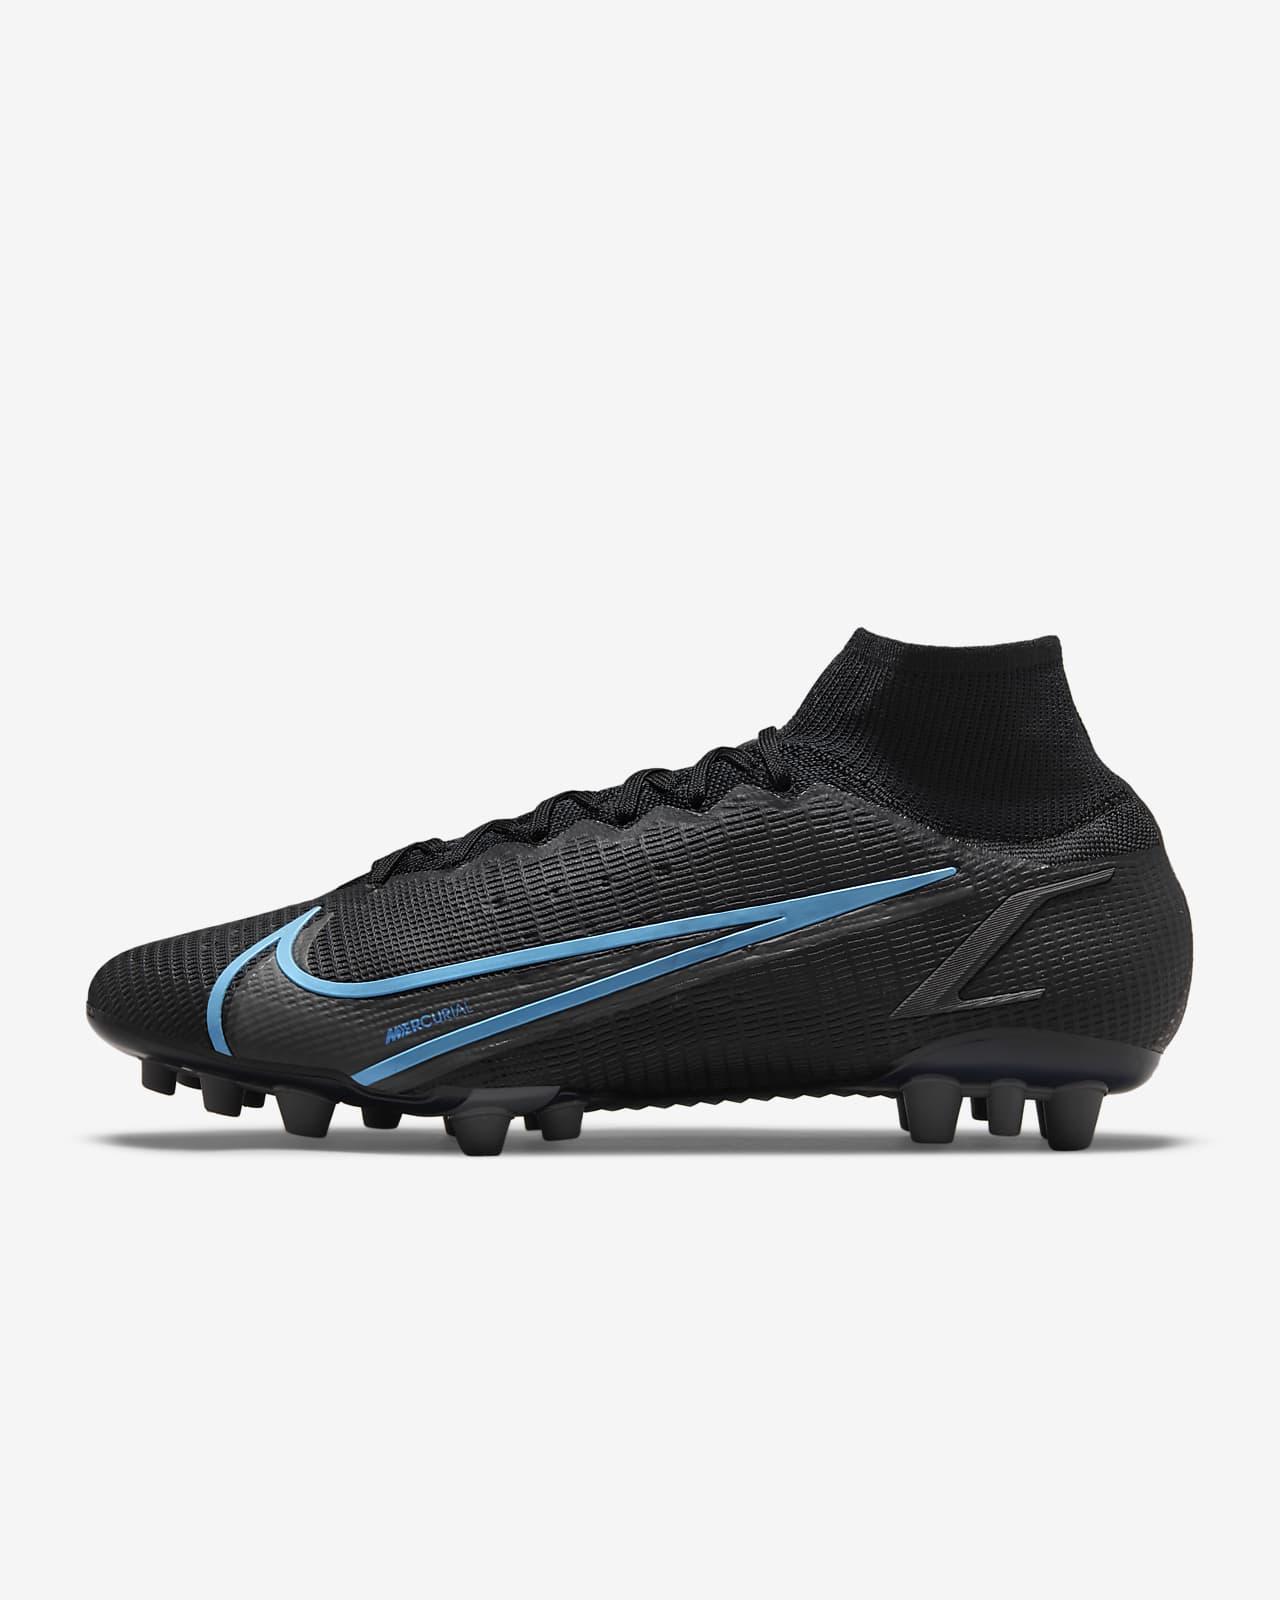 Nike Mercurial Superfly 8 Elite AG fotballsko til kunstgress